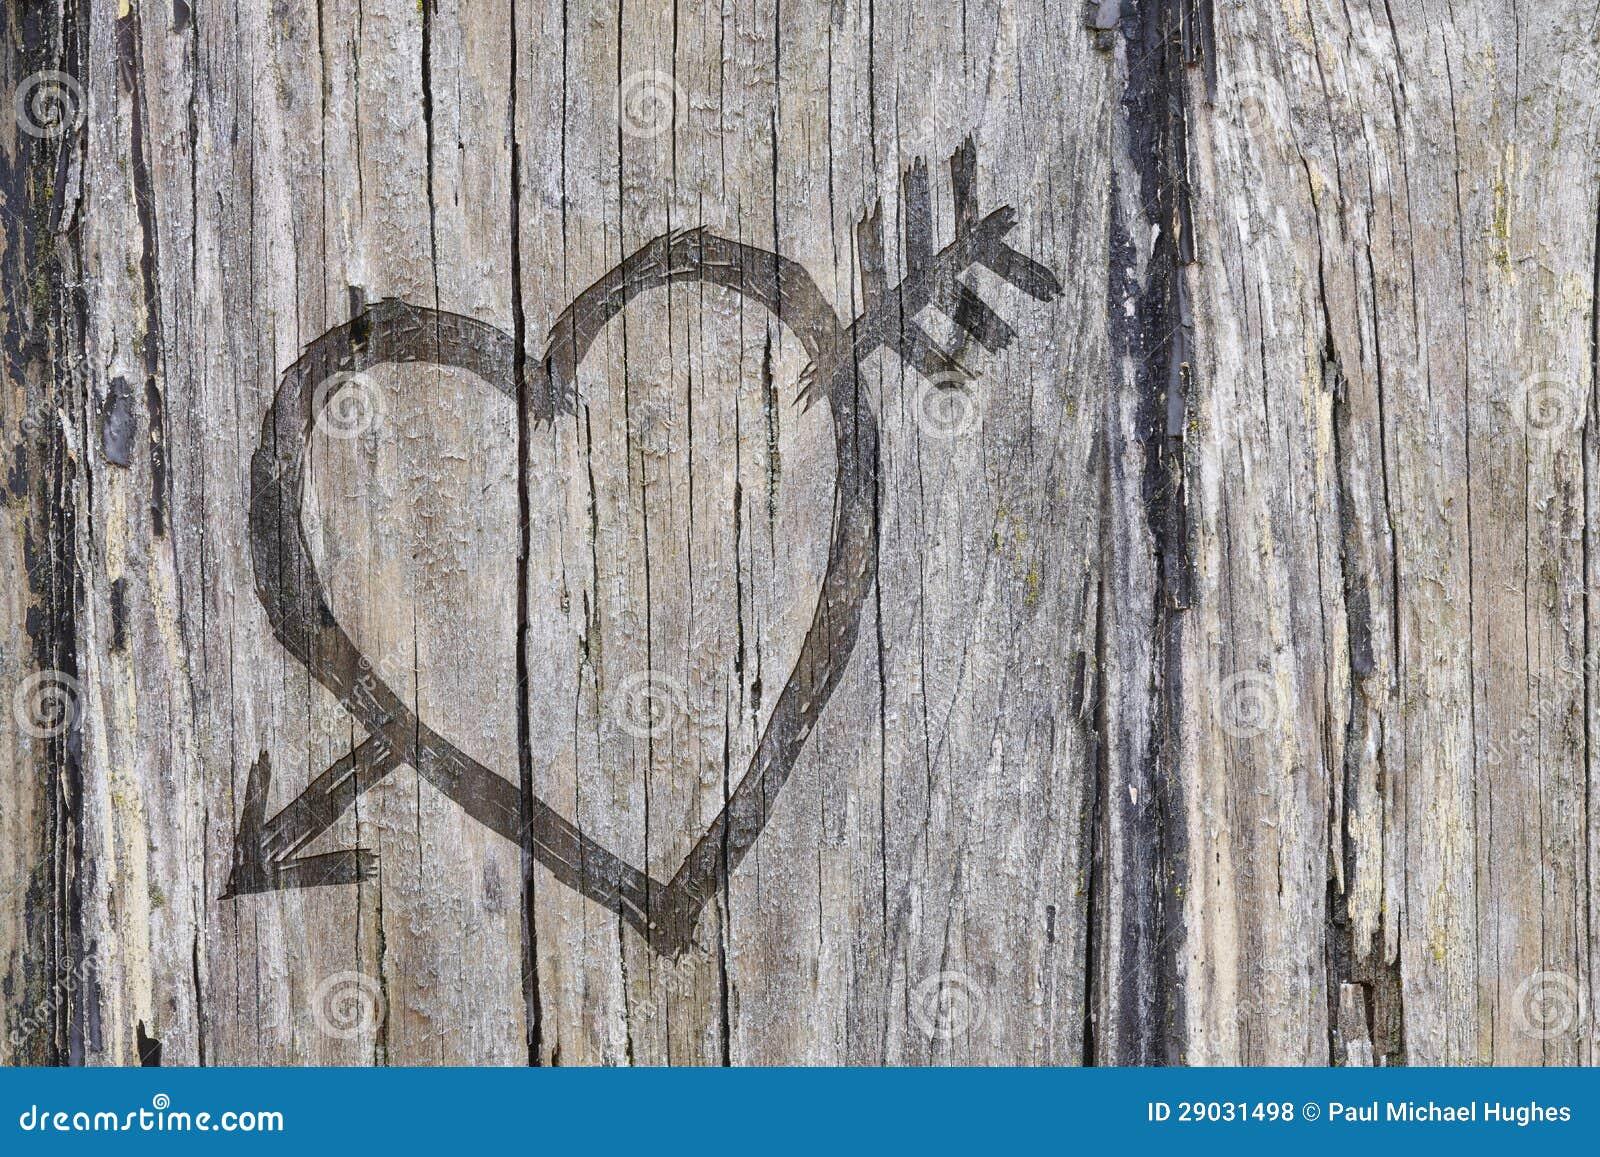 Quiera la pintada del corazón y de la flecha tallada en la madera